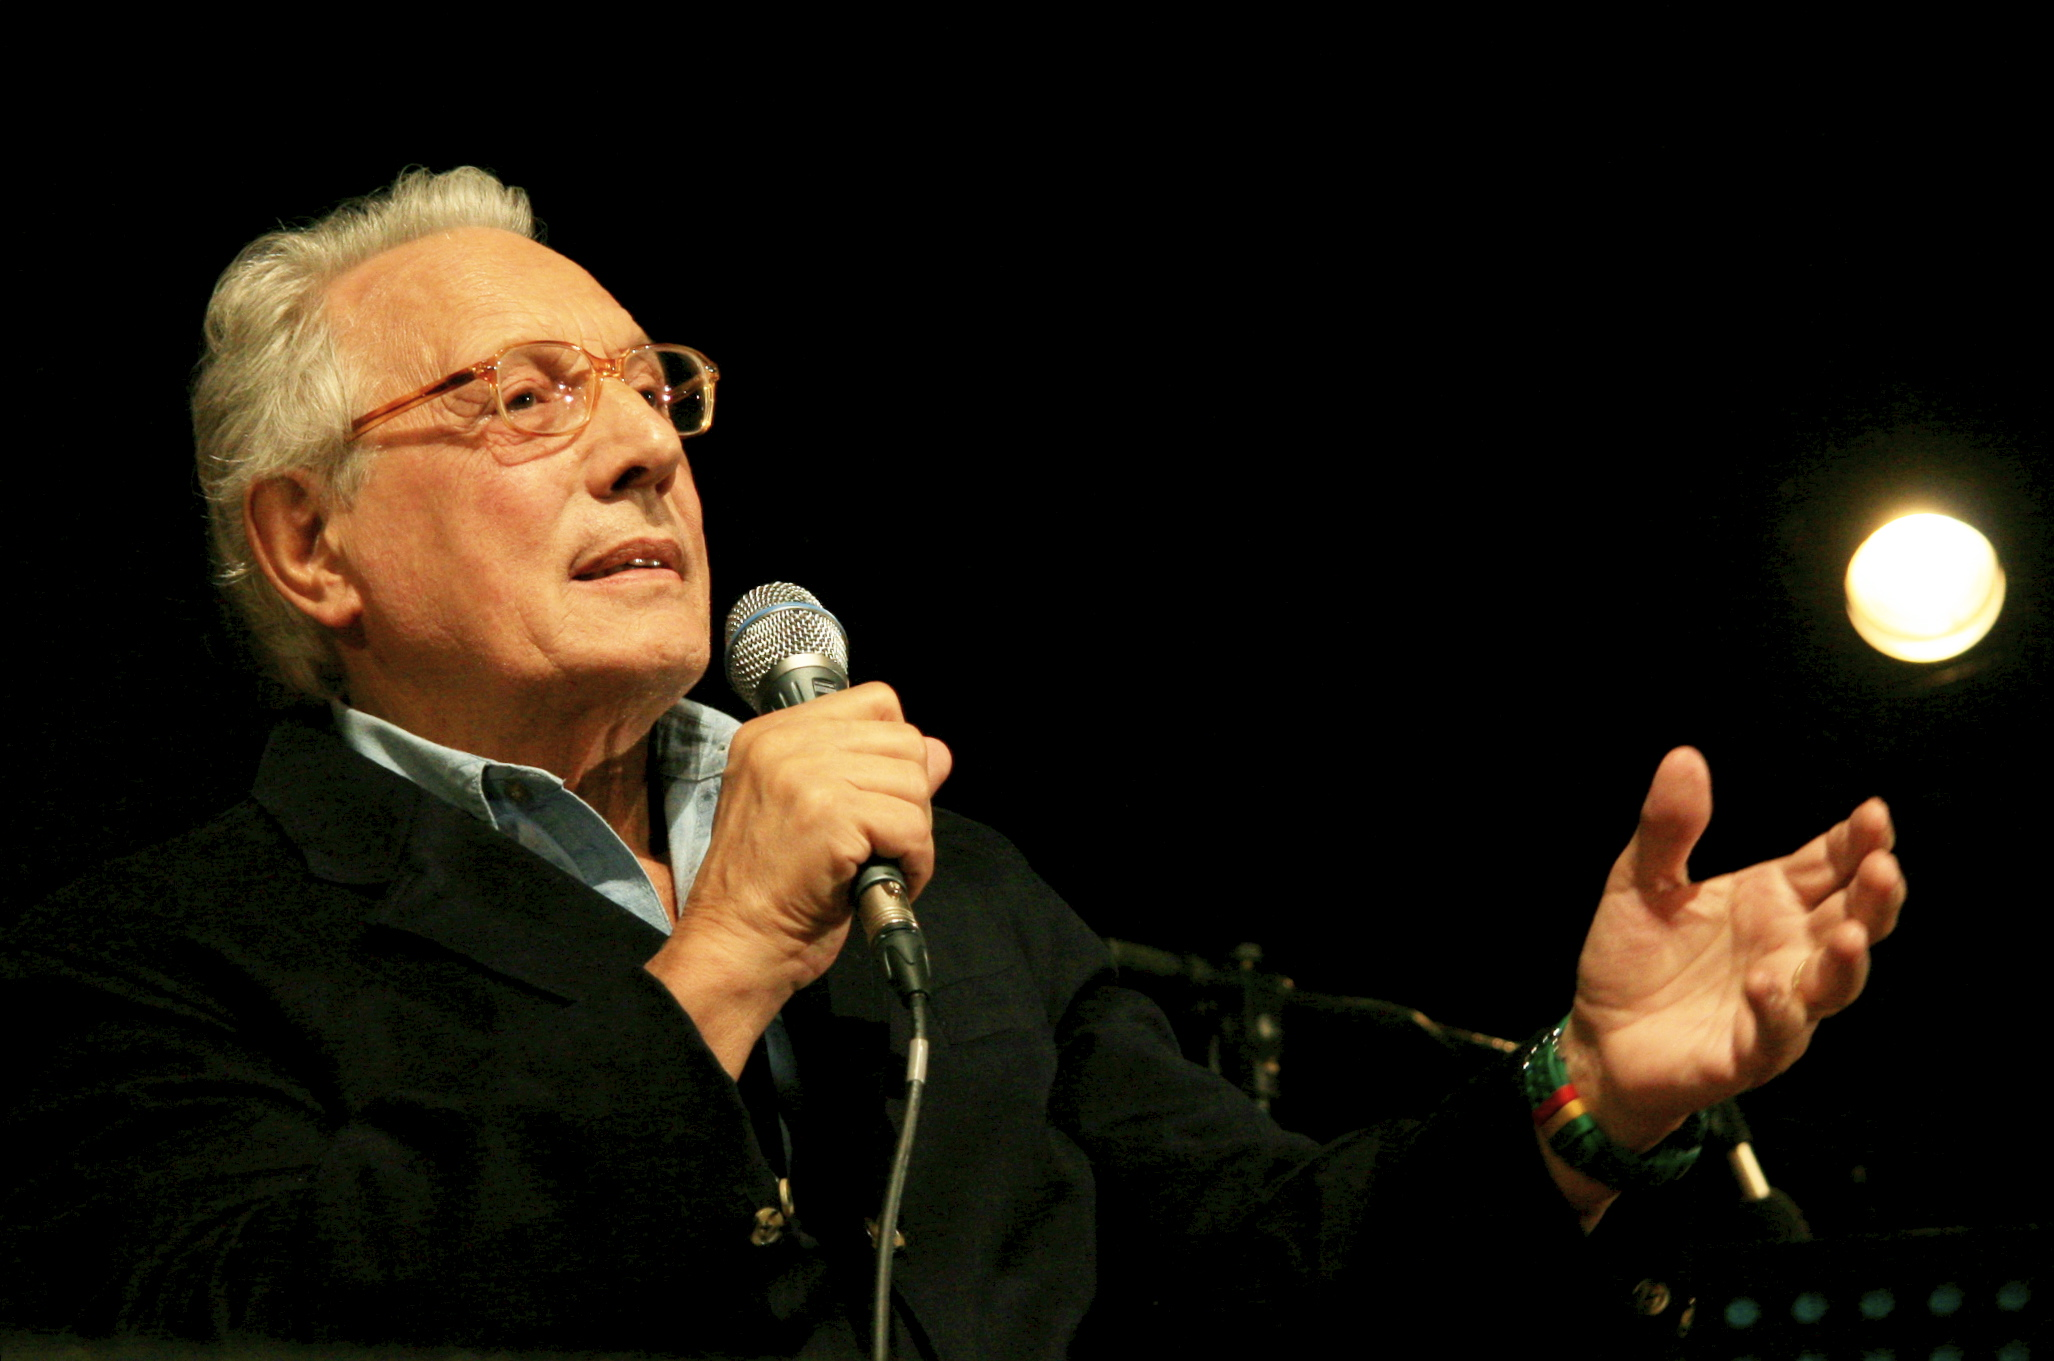 Milano celebra Enzo Jannacci alla Casa dellAccoglienza